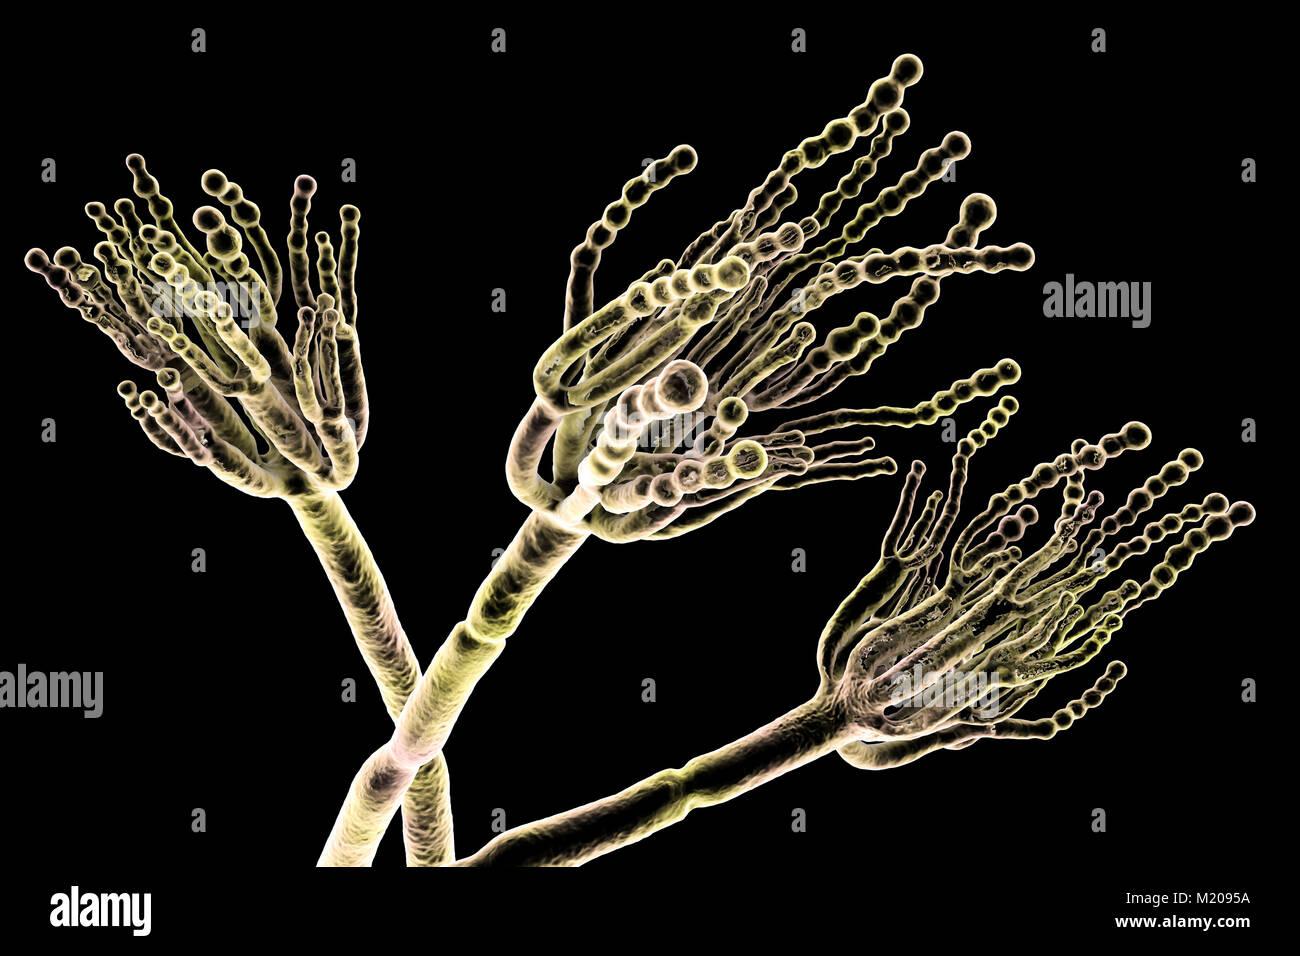 Penicillium fungus. Computer illustration of a Penicillium sp. fungus. Specialised threads, called conidiophores, - Stock Image